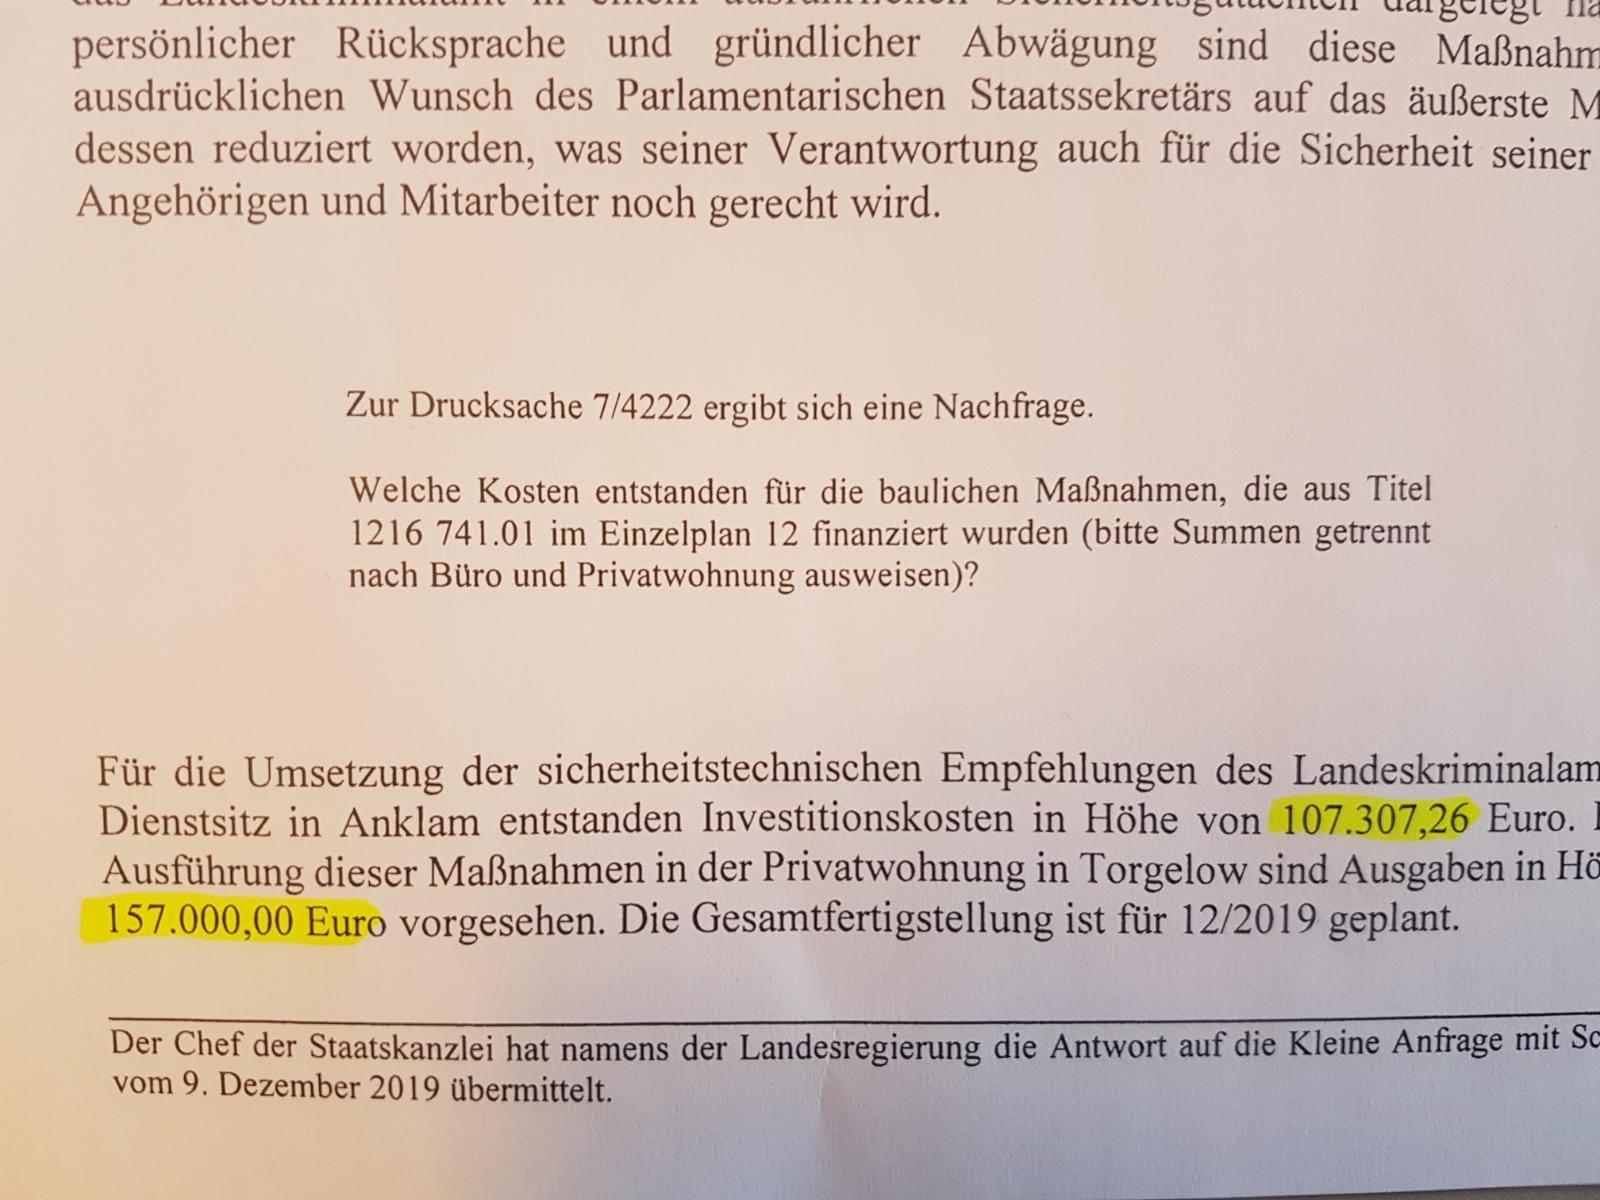 Lebt Staatssekretär Dahlemann gefährlich?